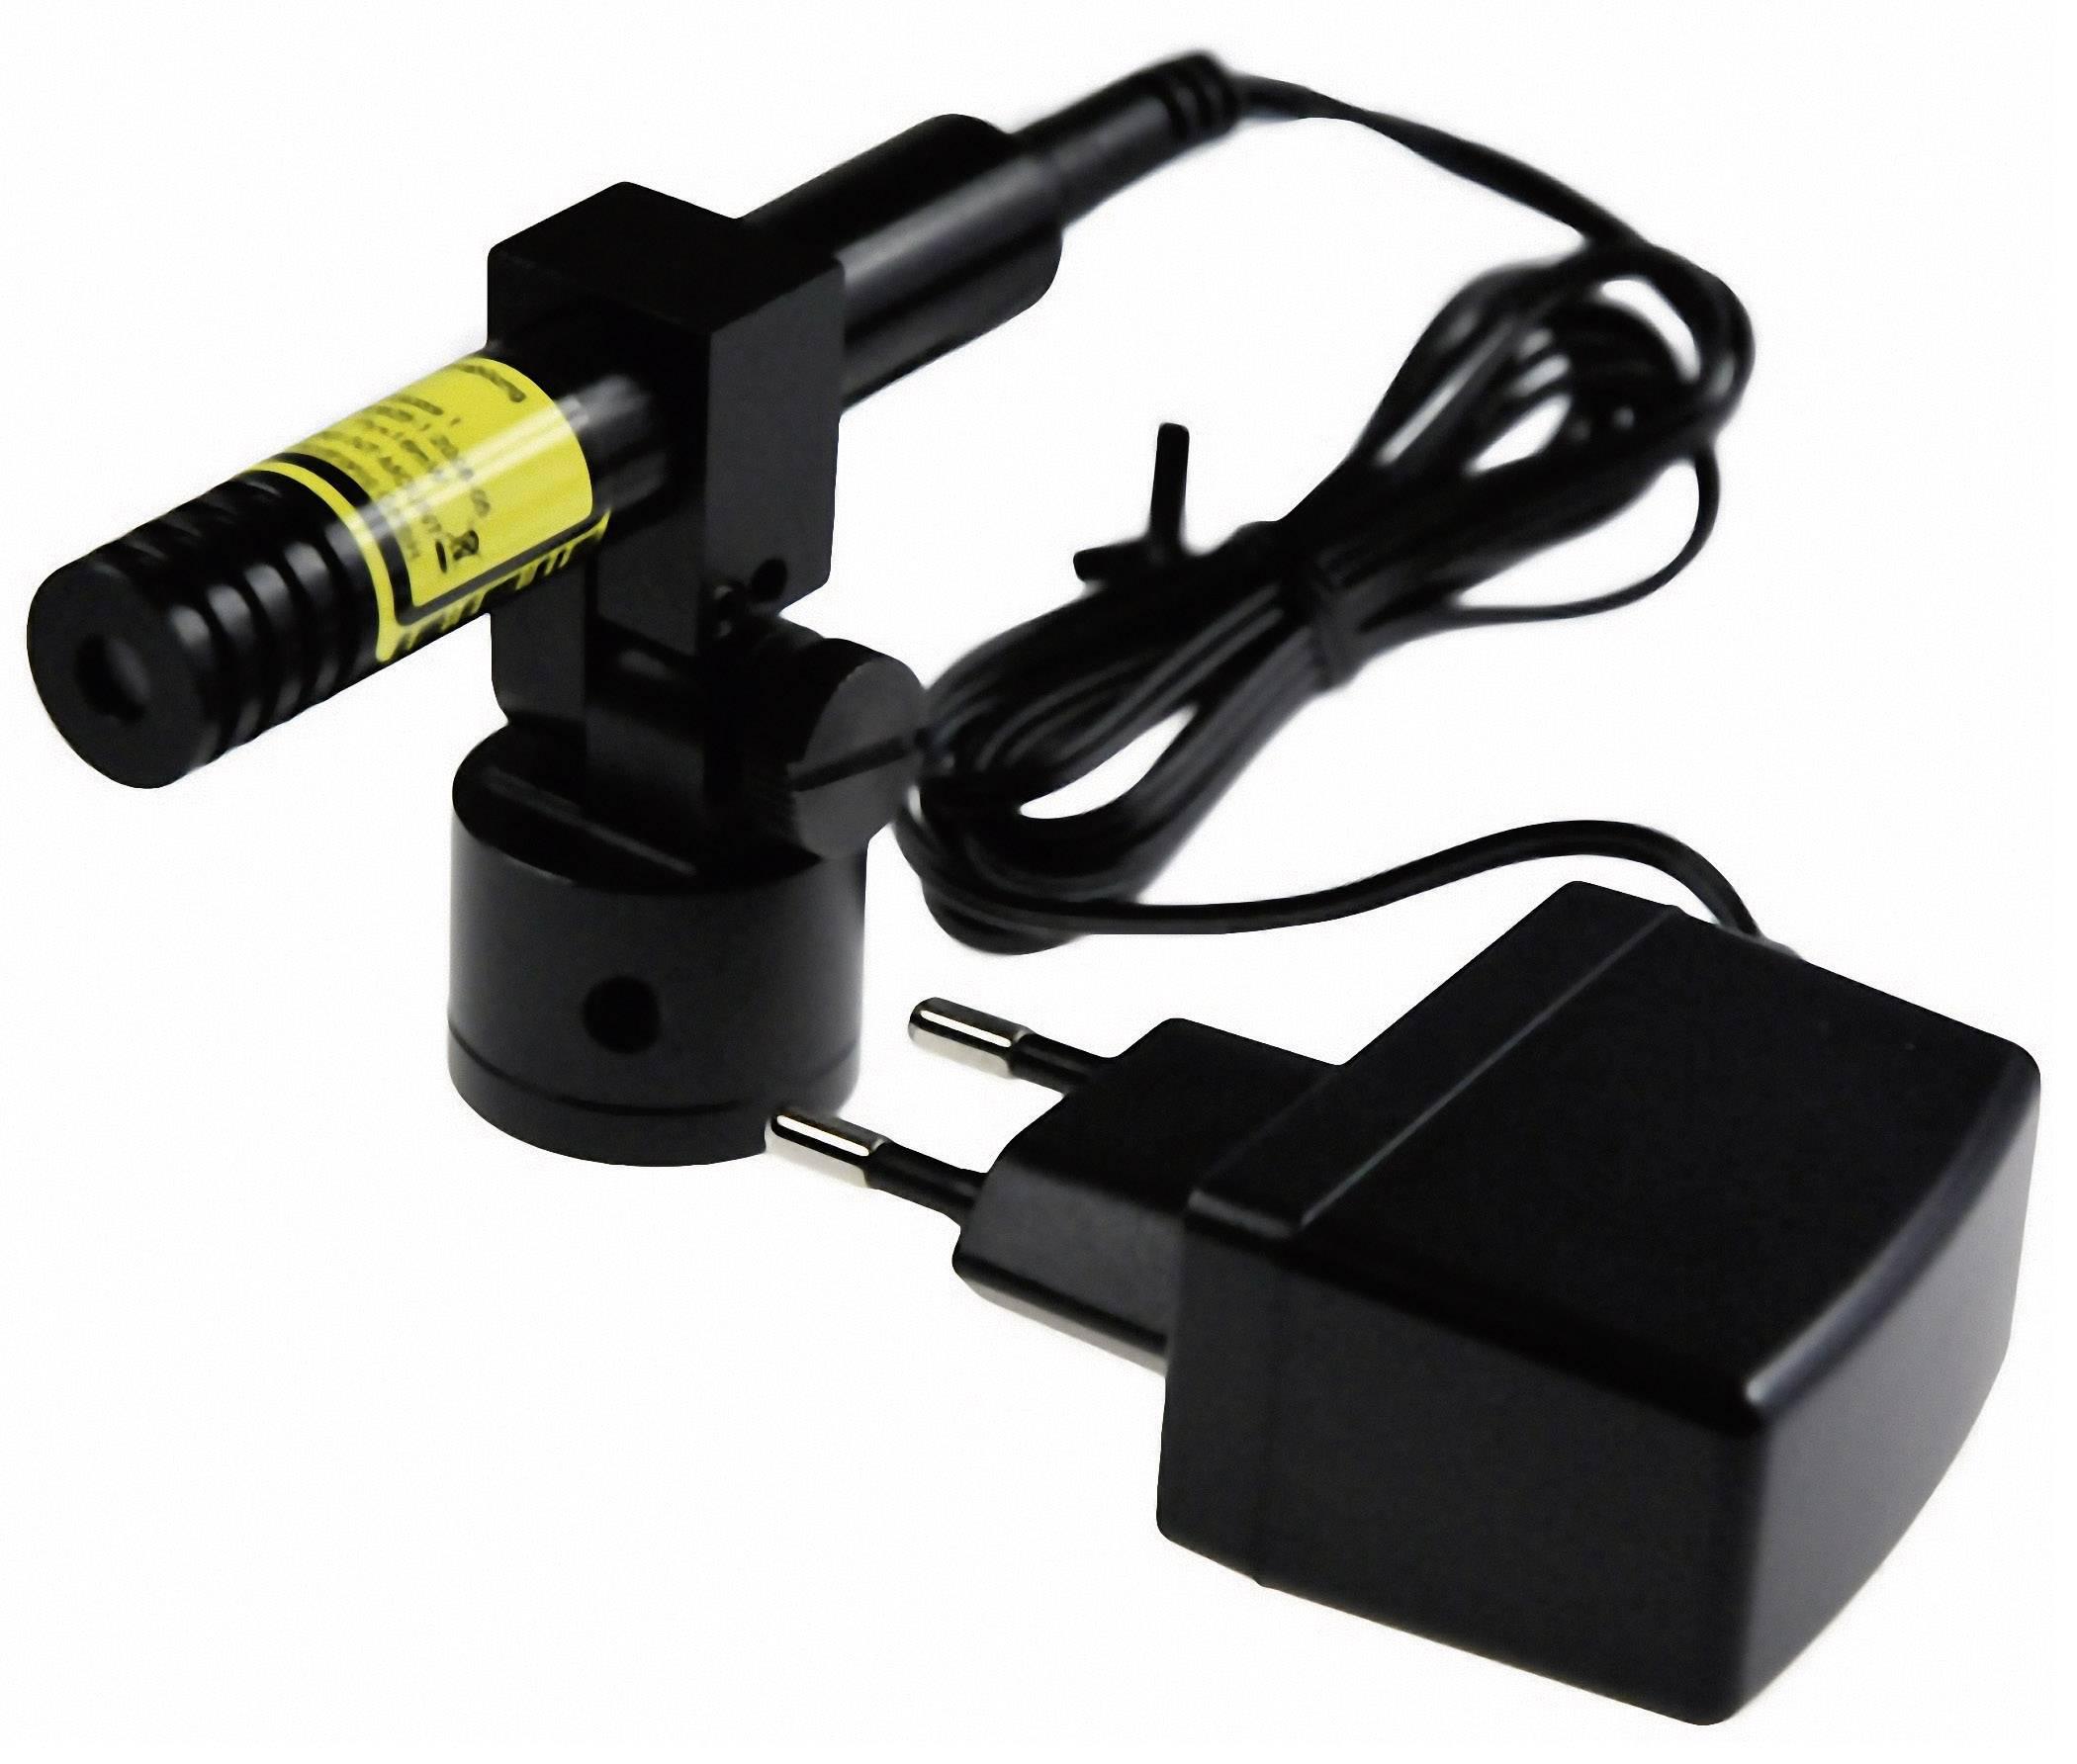 Laserový modul Picotronic 70116991, lineárna, 16 mW